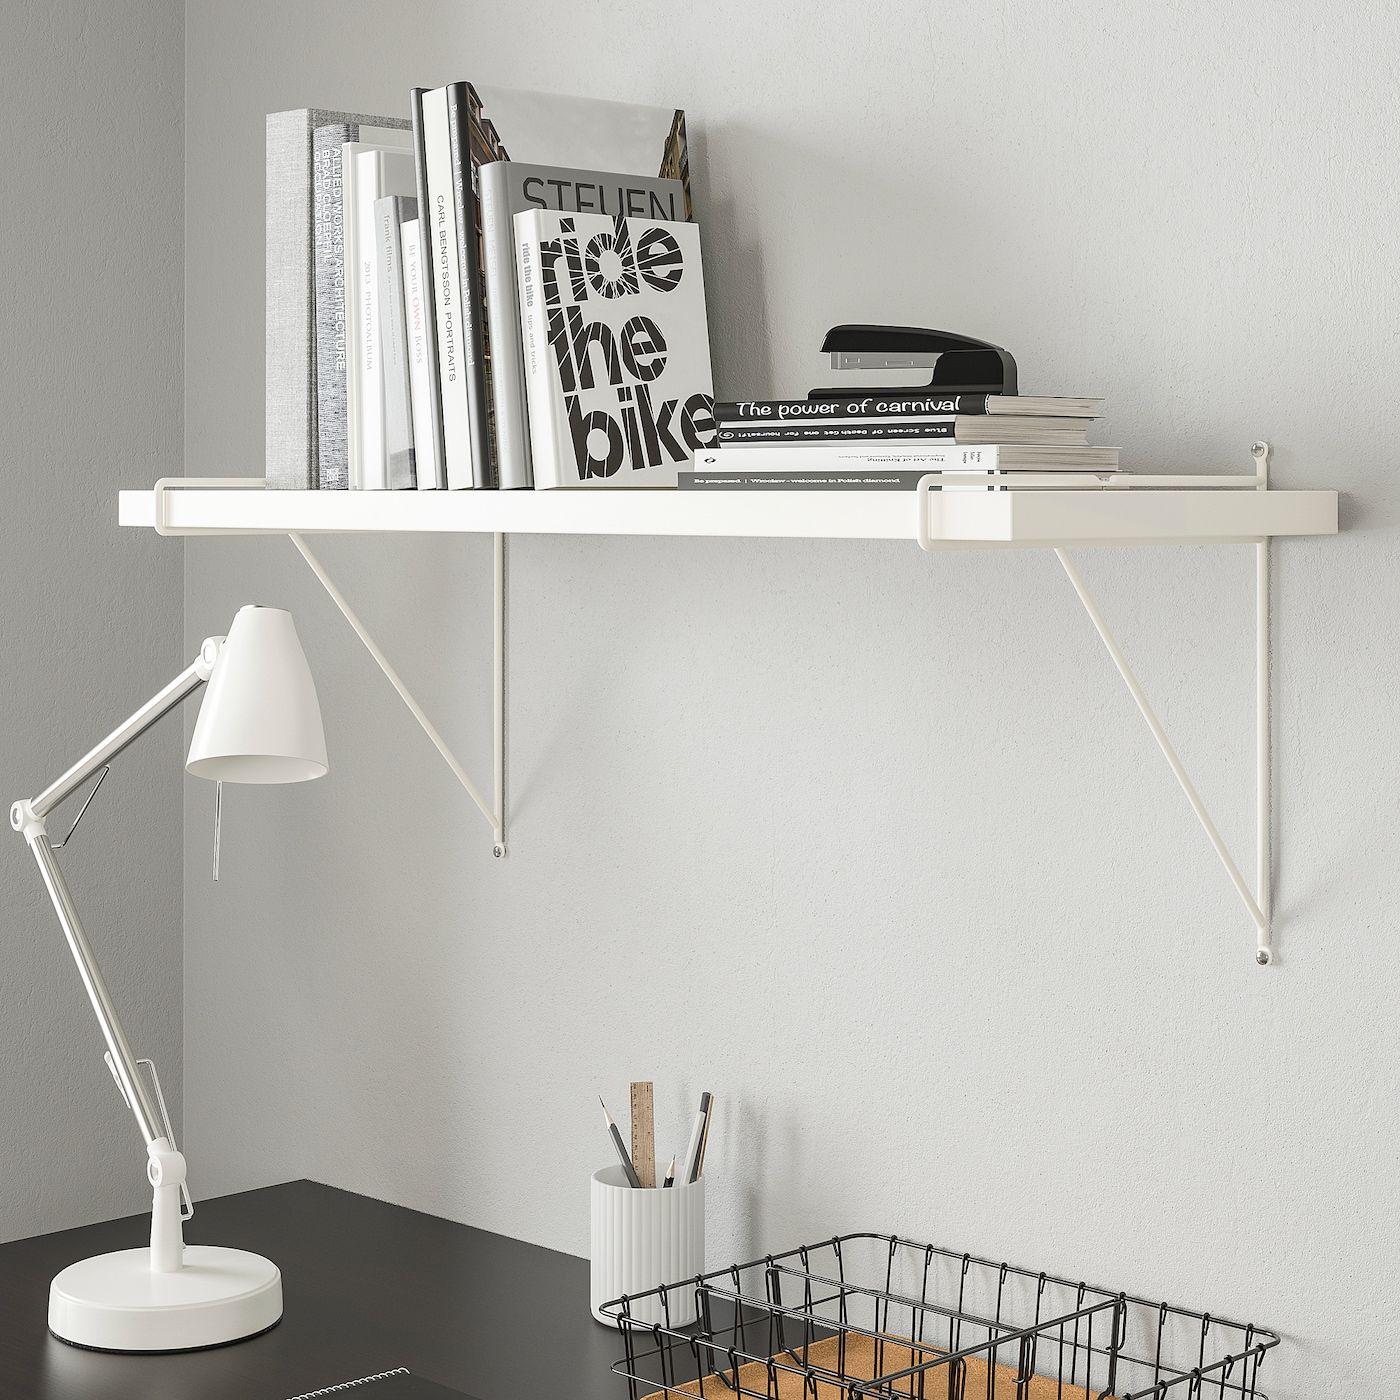 Mensole In Legno Ikea pershult staffa - bianco - ikea svizzera (con immagini